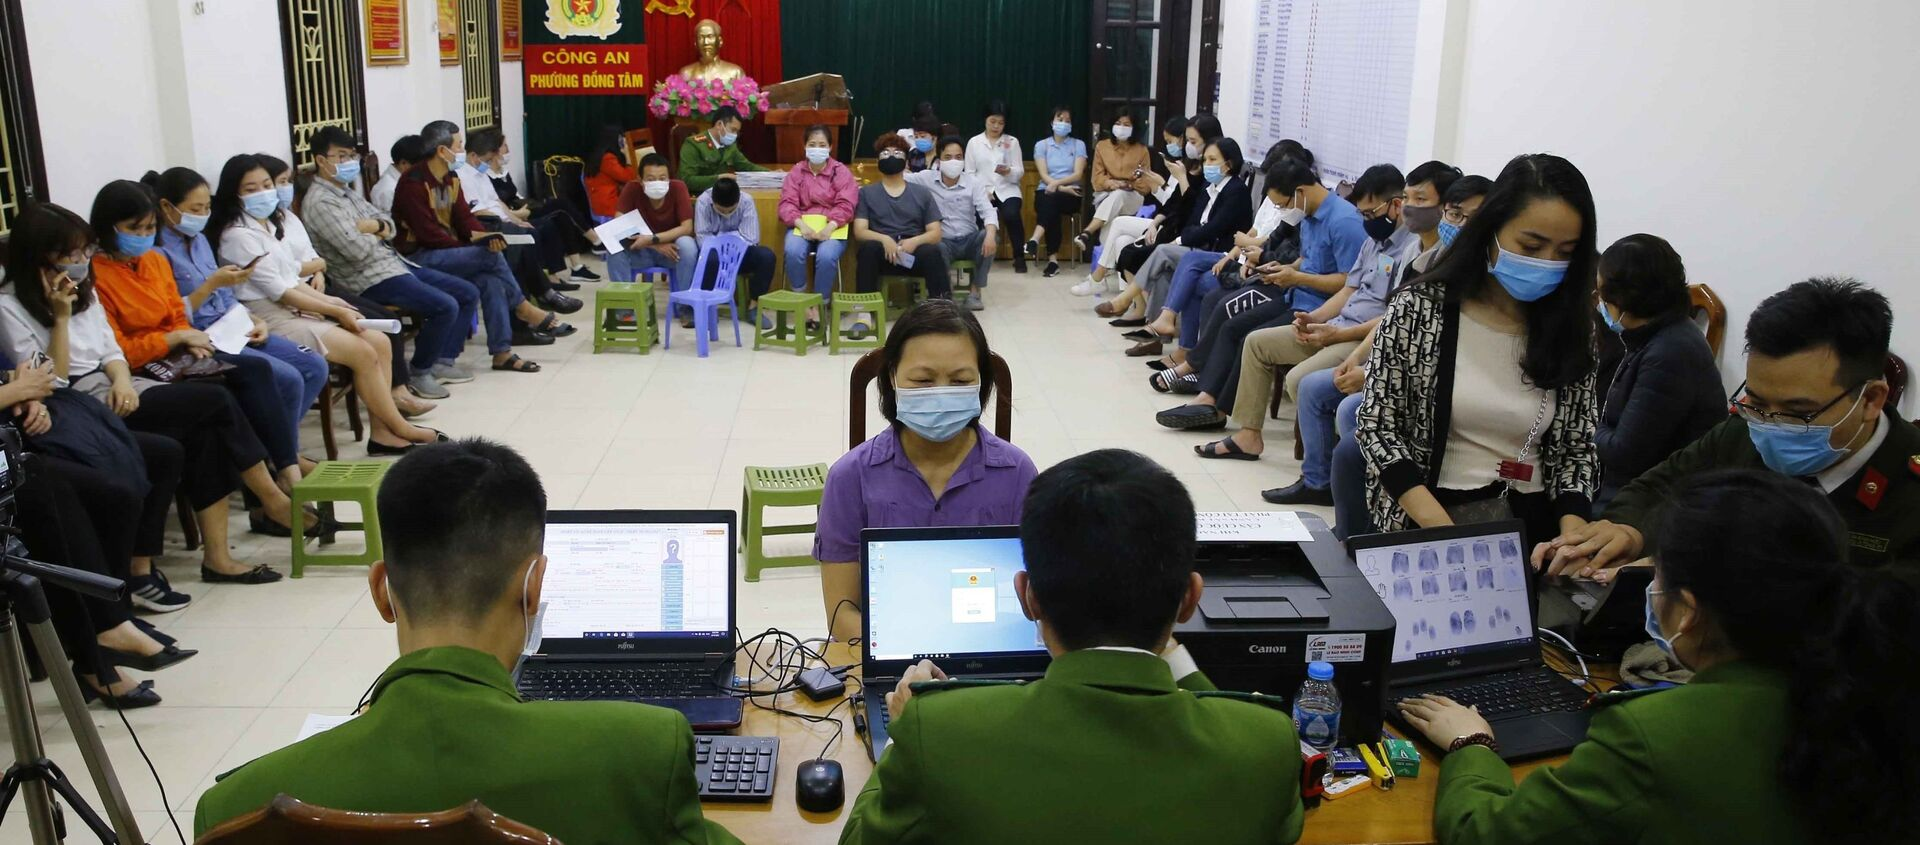 Rất đông người dân ngồi chờ đến lượt làm thủ tục cấp căn cước công dân lưu động tại trụ sở Công an phường Đồng Tâm (ảnh chụp lúc 22h tối 10/3/2021) - Sputnik Việt Nam, 1920, 09.04.2021